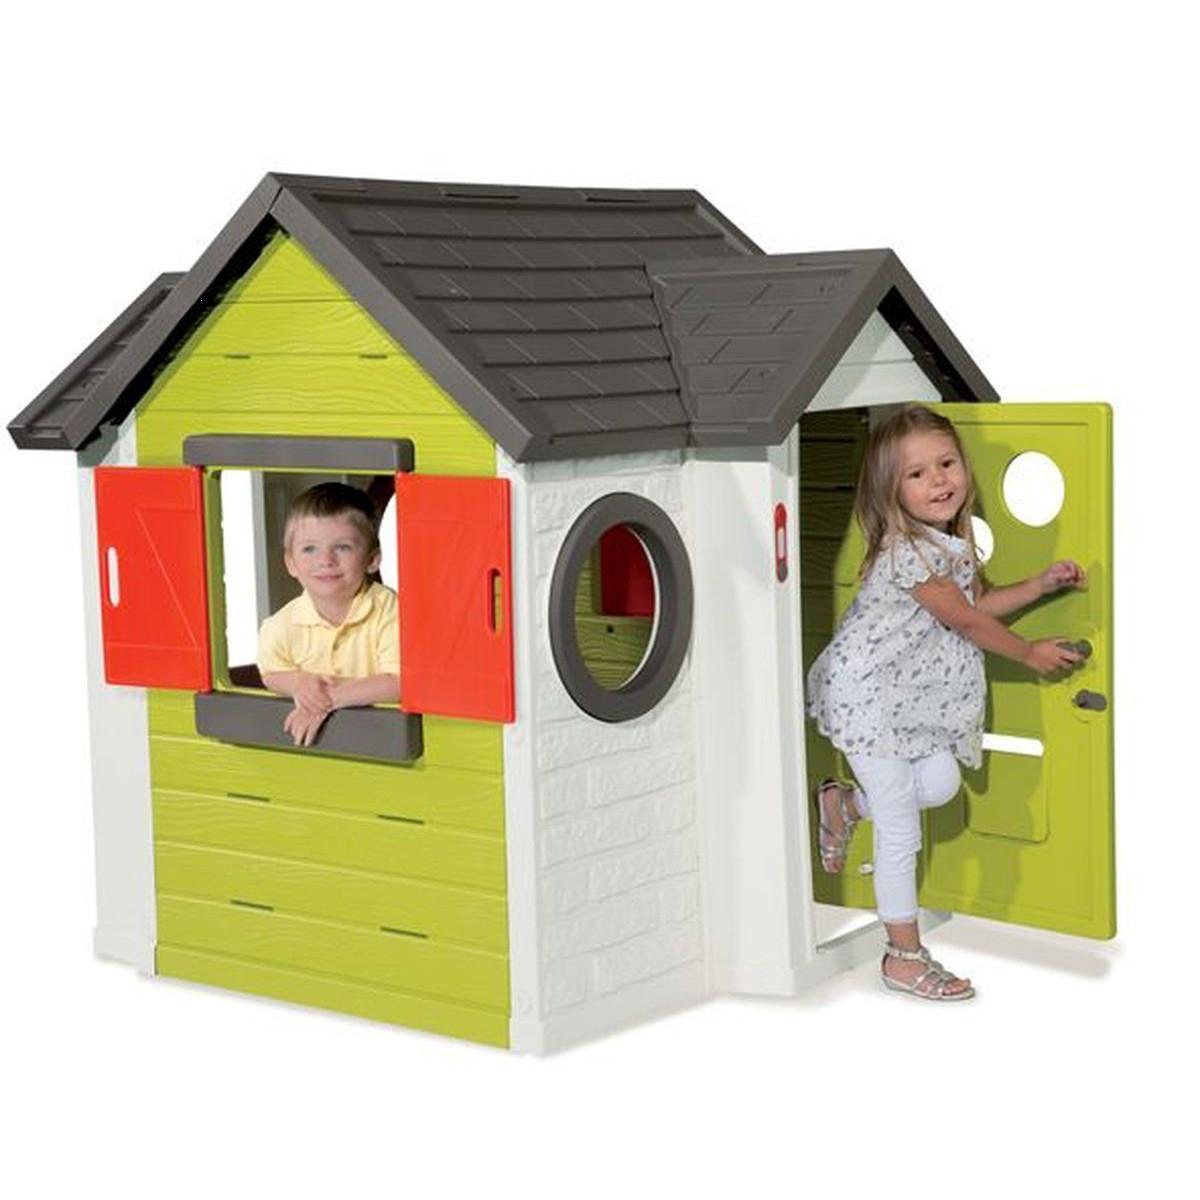 Cabane Enfant ⇒ Comparatif, Avis Et Meilleurs Modèles 2020 intérieur Maison De Jardin Pour Enfants